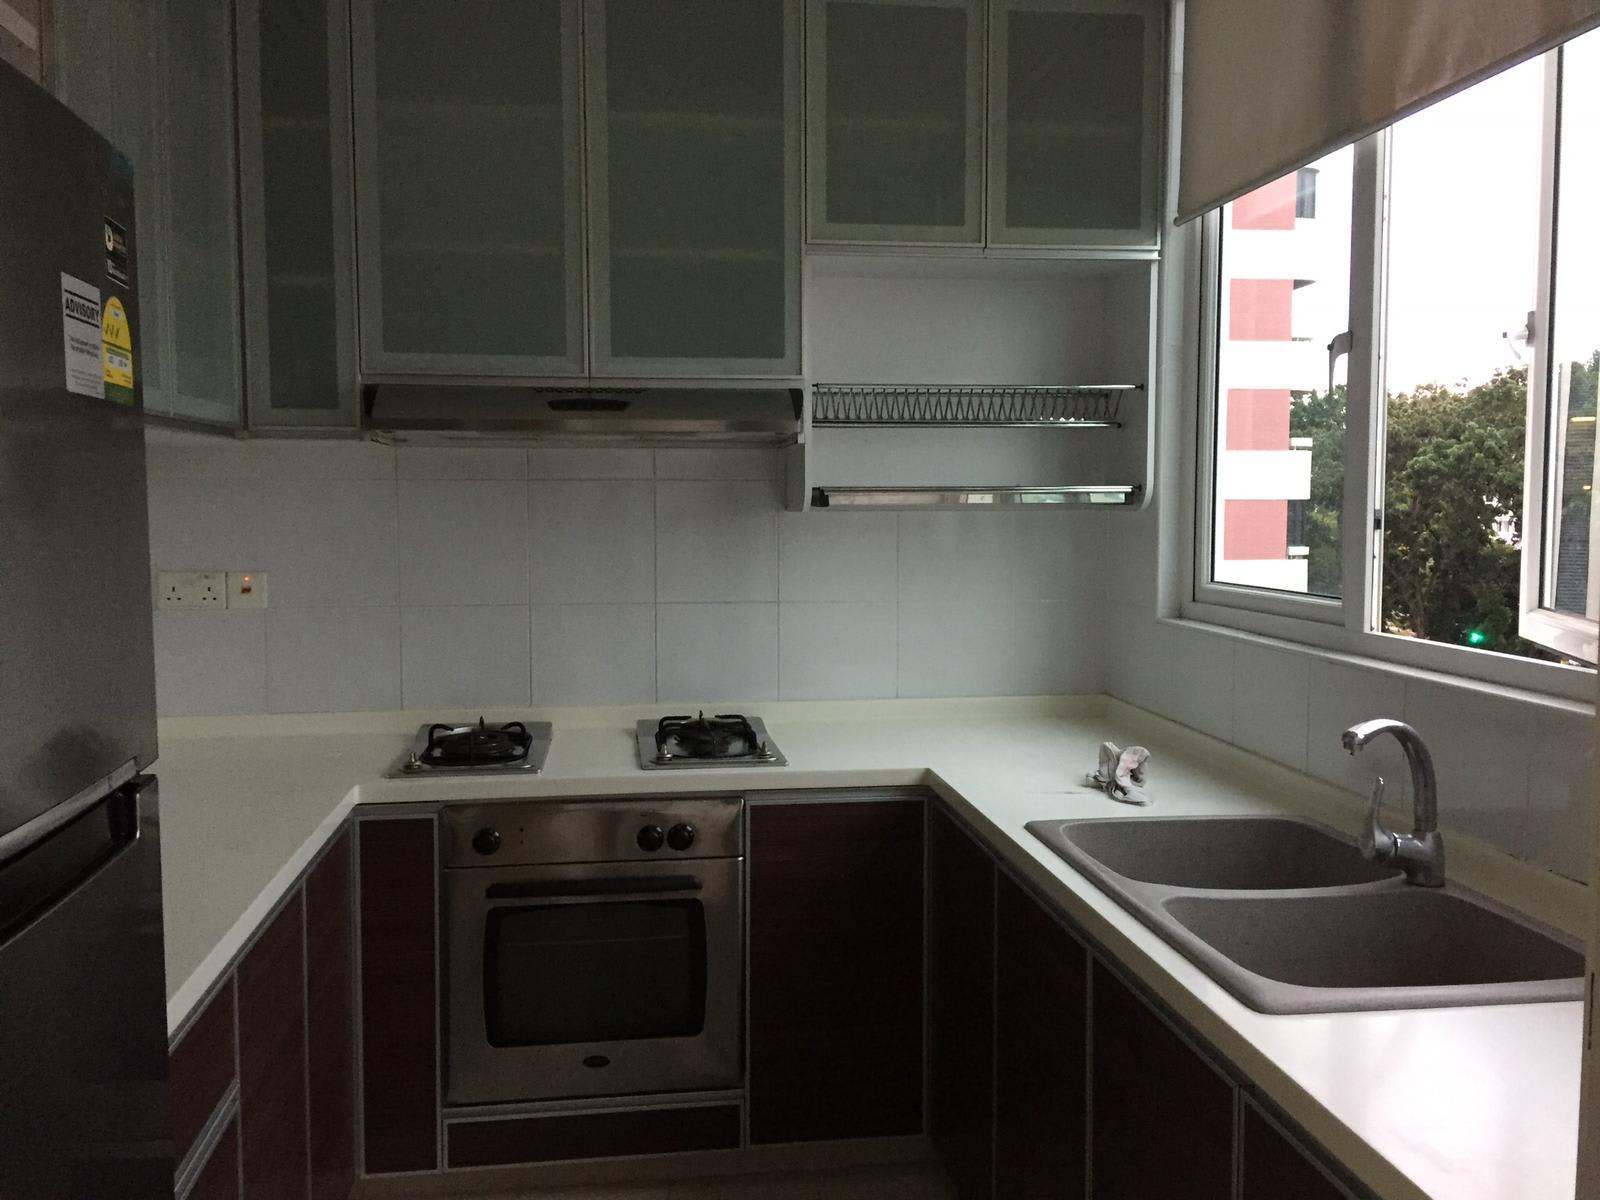 Condominium At Coastarina For Rent Sgd 2 900 3 Bedroom S 3 Bathroom S East Coast Road D15 Katong Ss123h